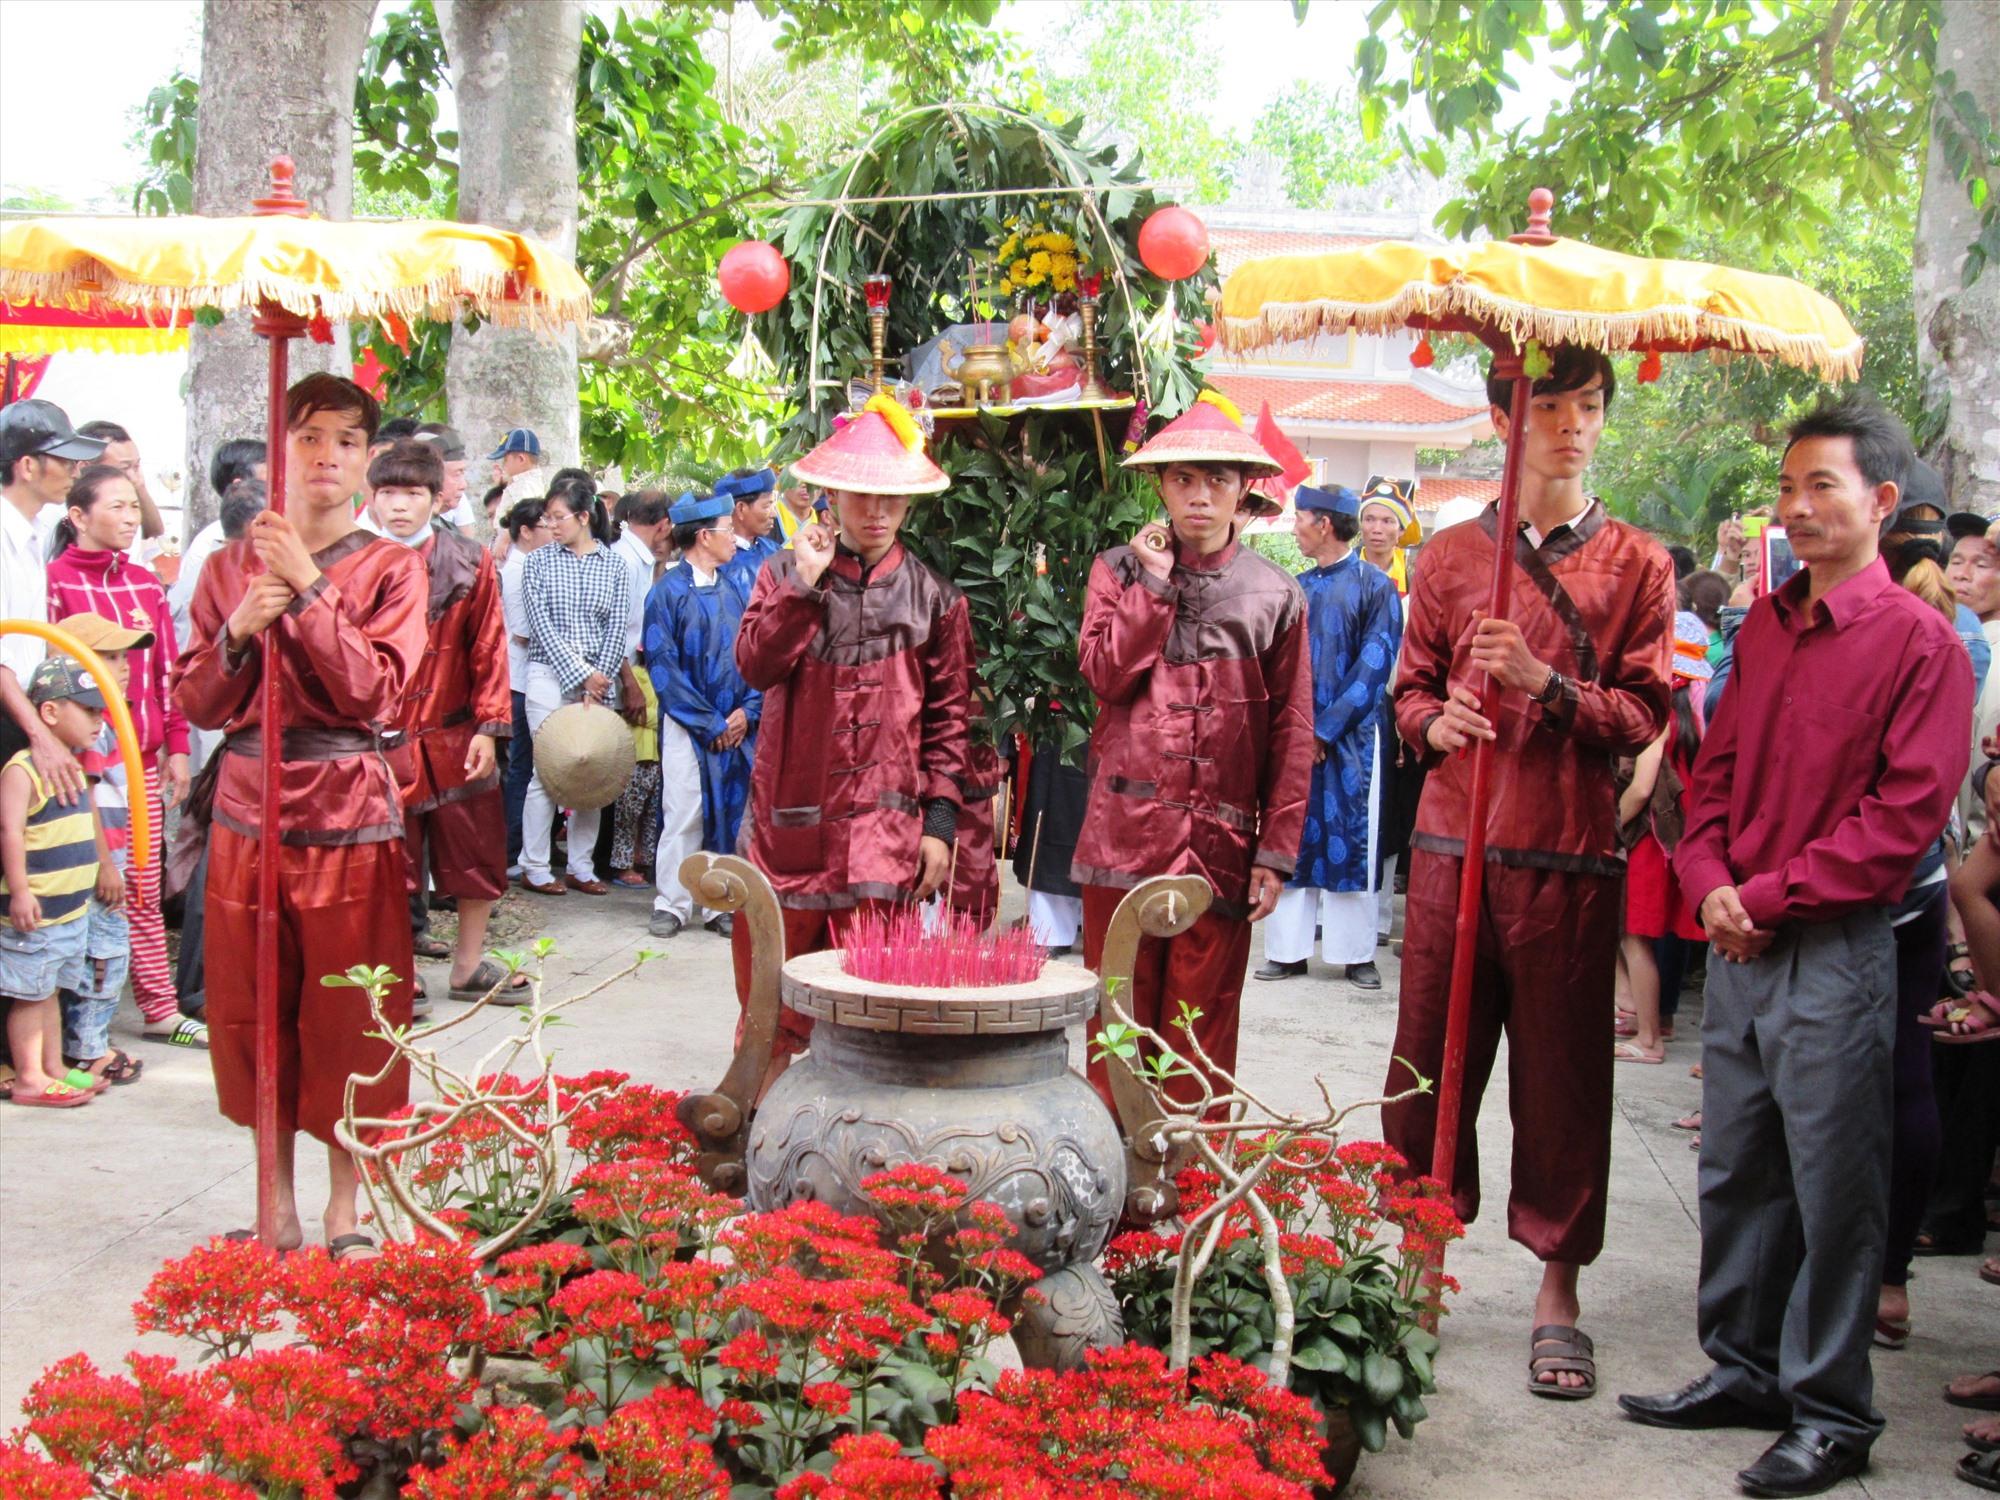 Năm 2020, lễ hội Bà Chiêm Sơn được tổ chức với quy mô lớn nhất từ trước đến nay. Ảnh: H.N